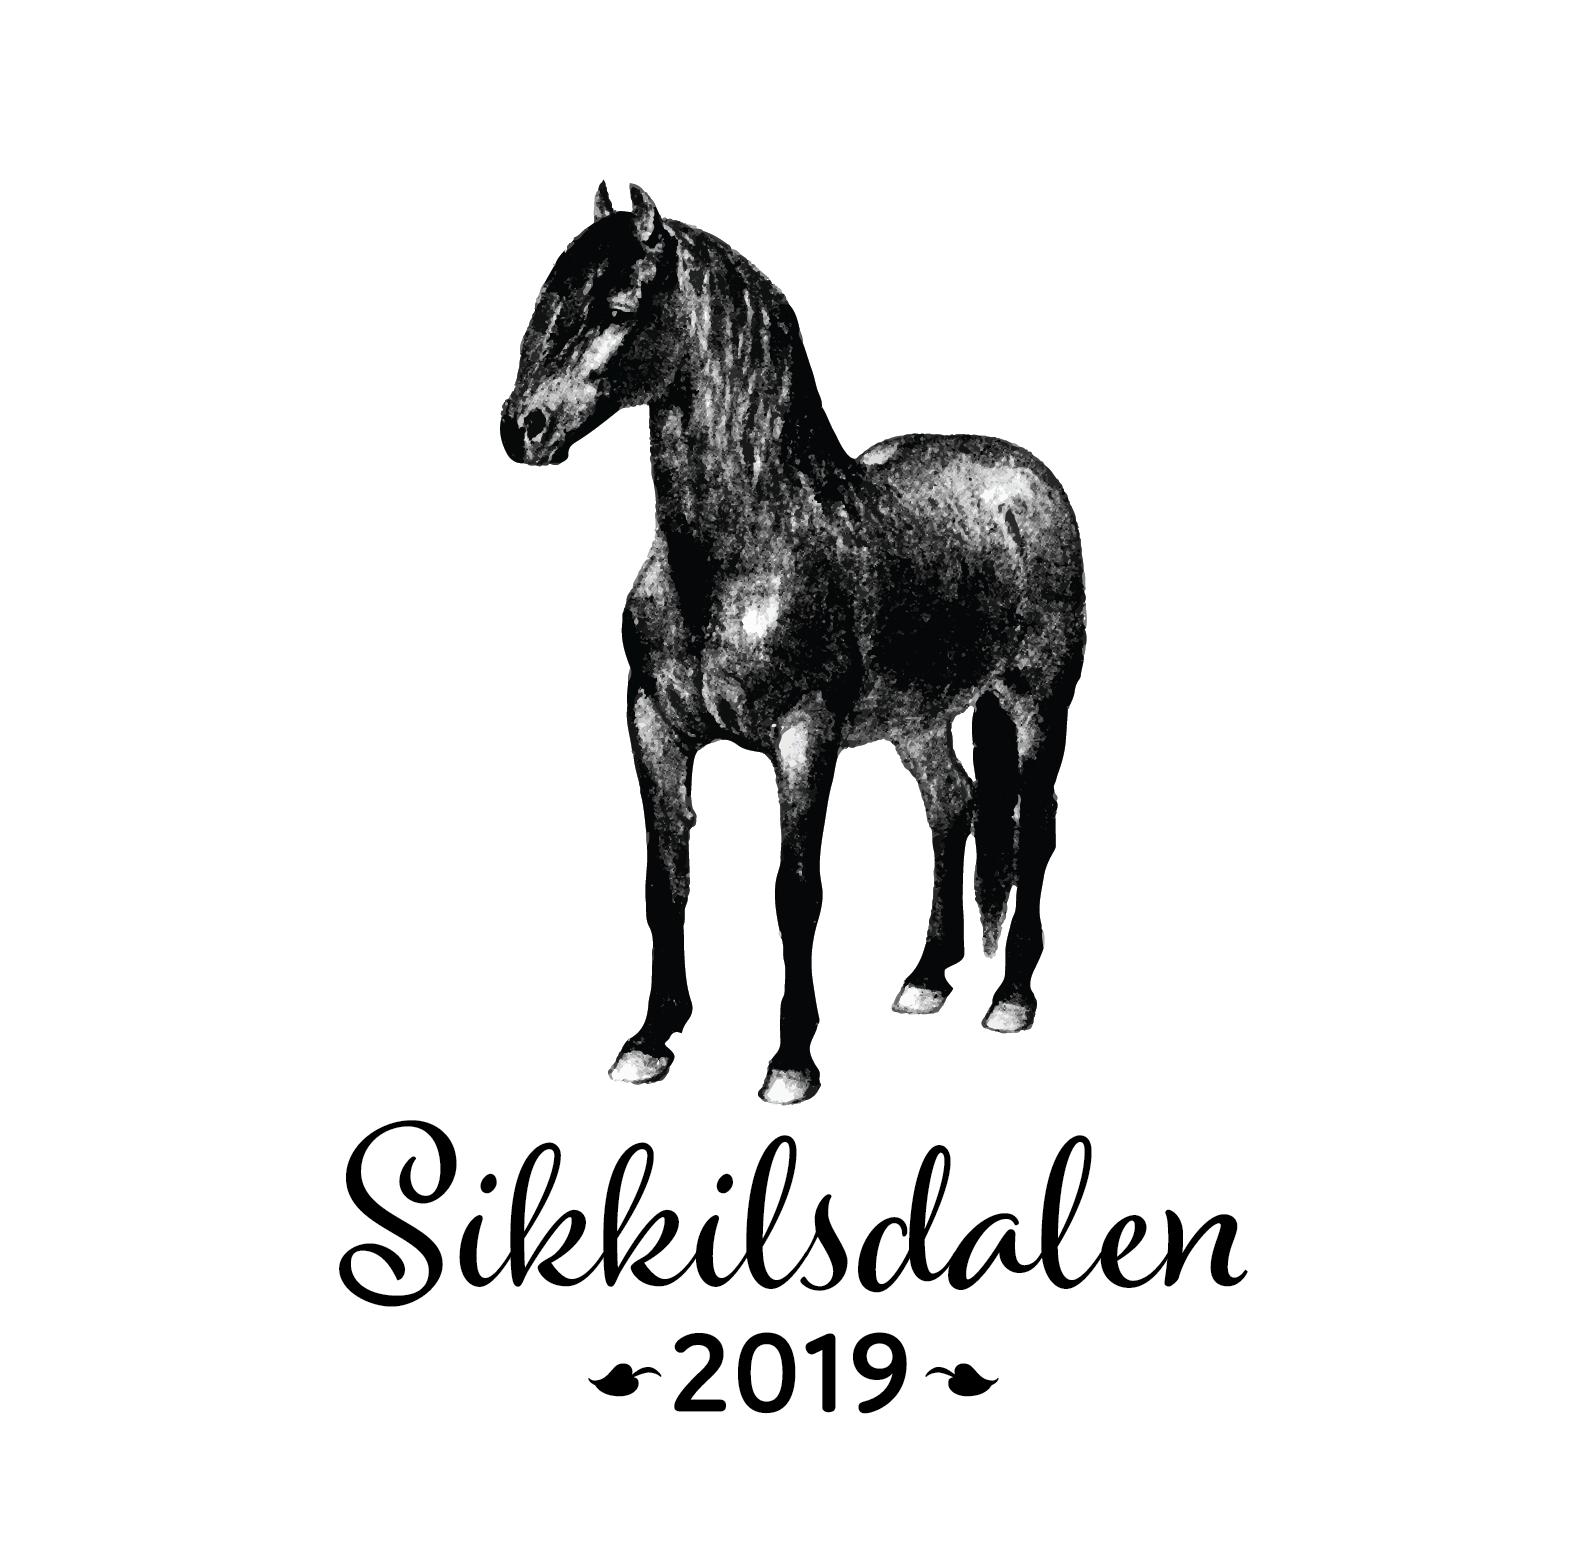 Sikkilsdalen 2019 logo